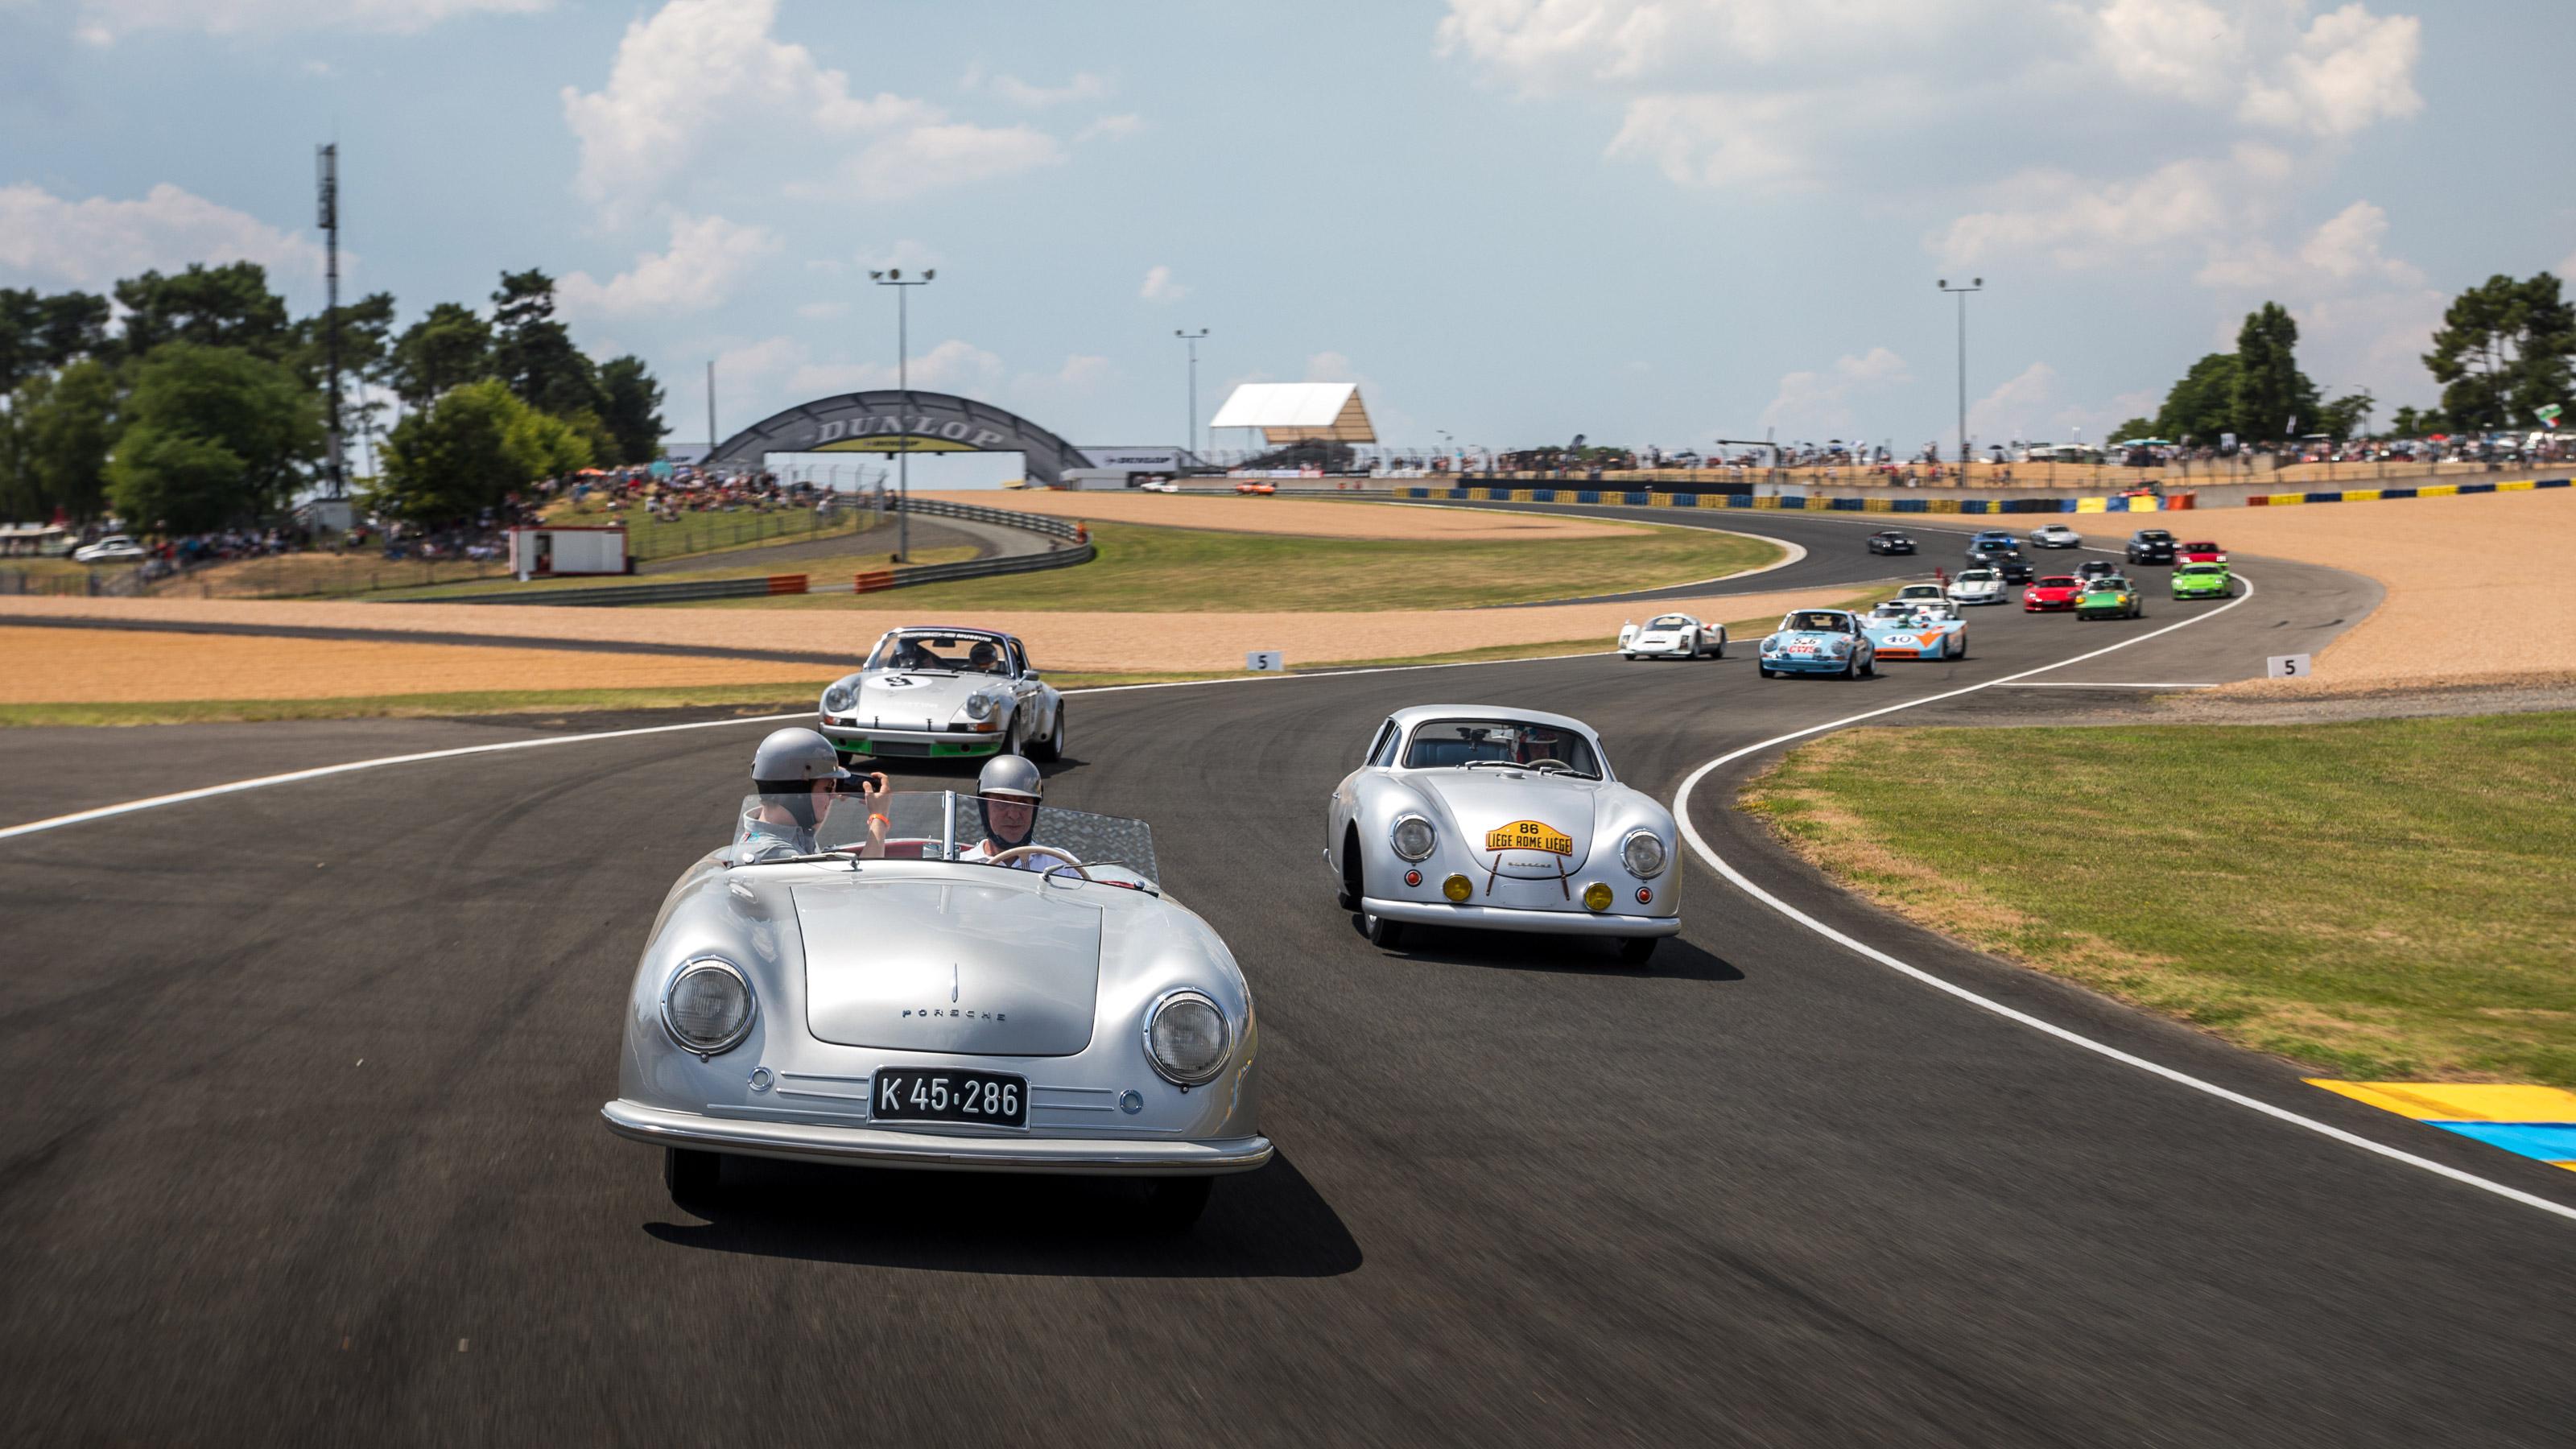 Porsche - 利曼經典賽(Le Mans Classic)